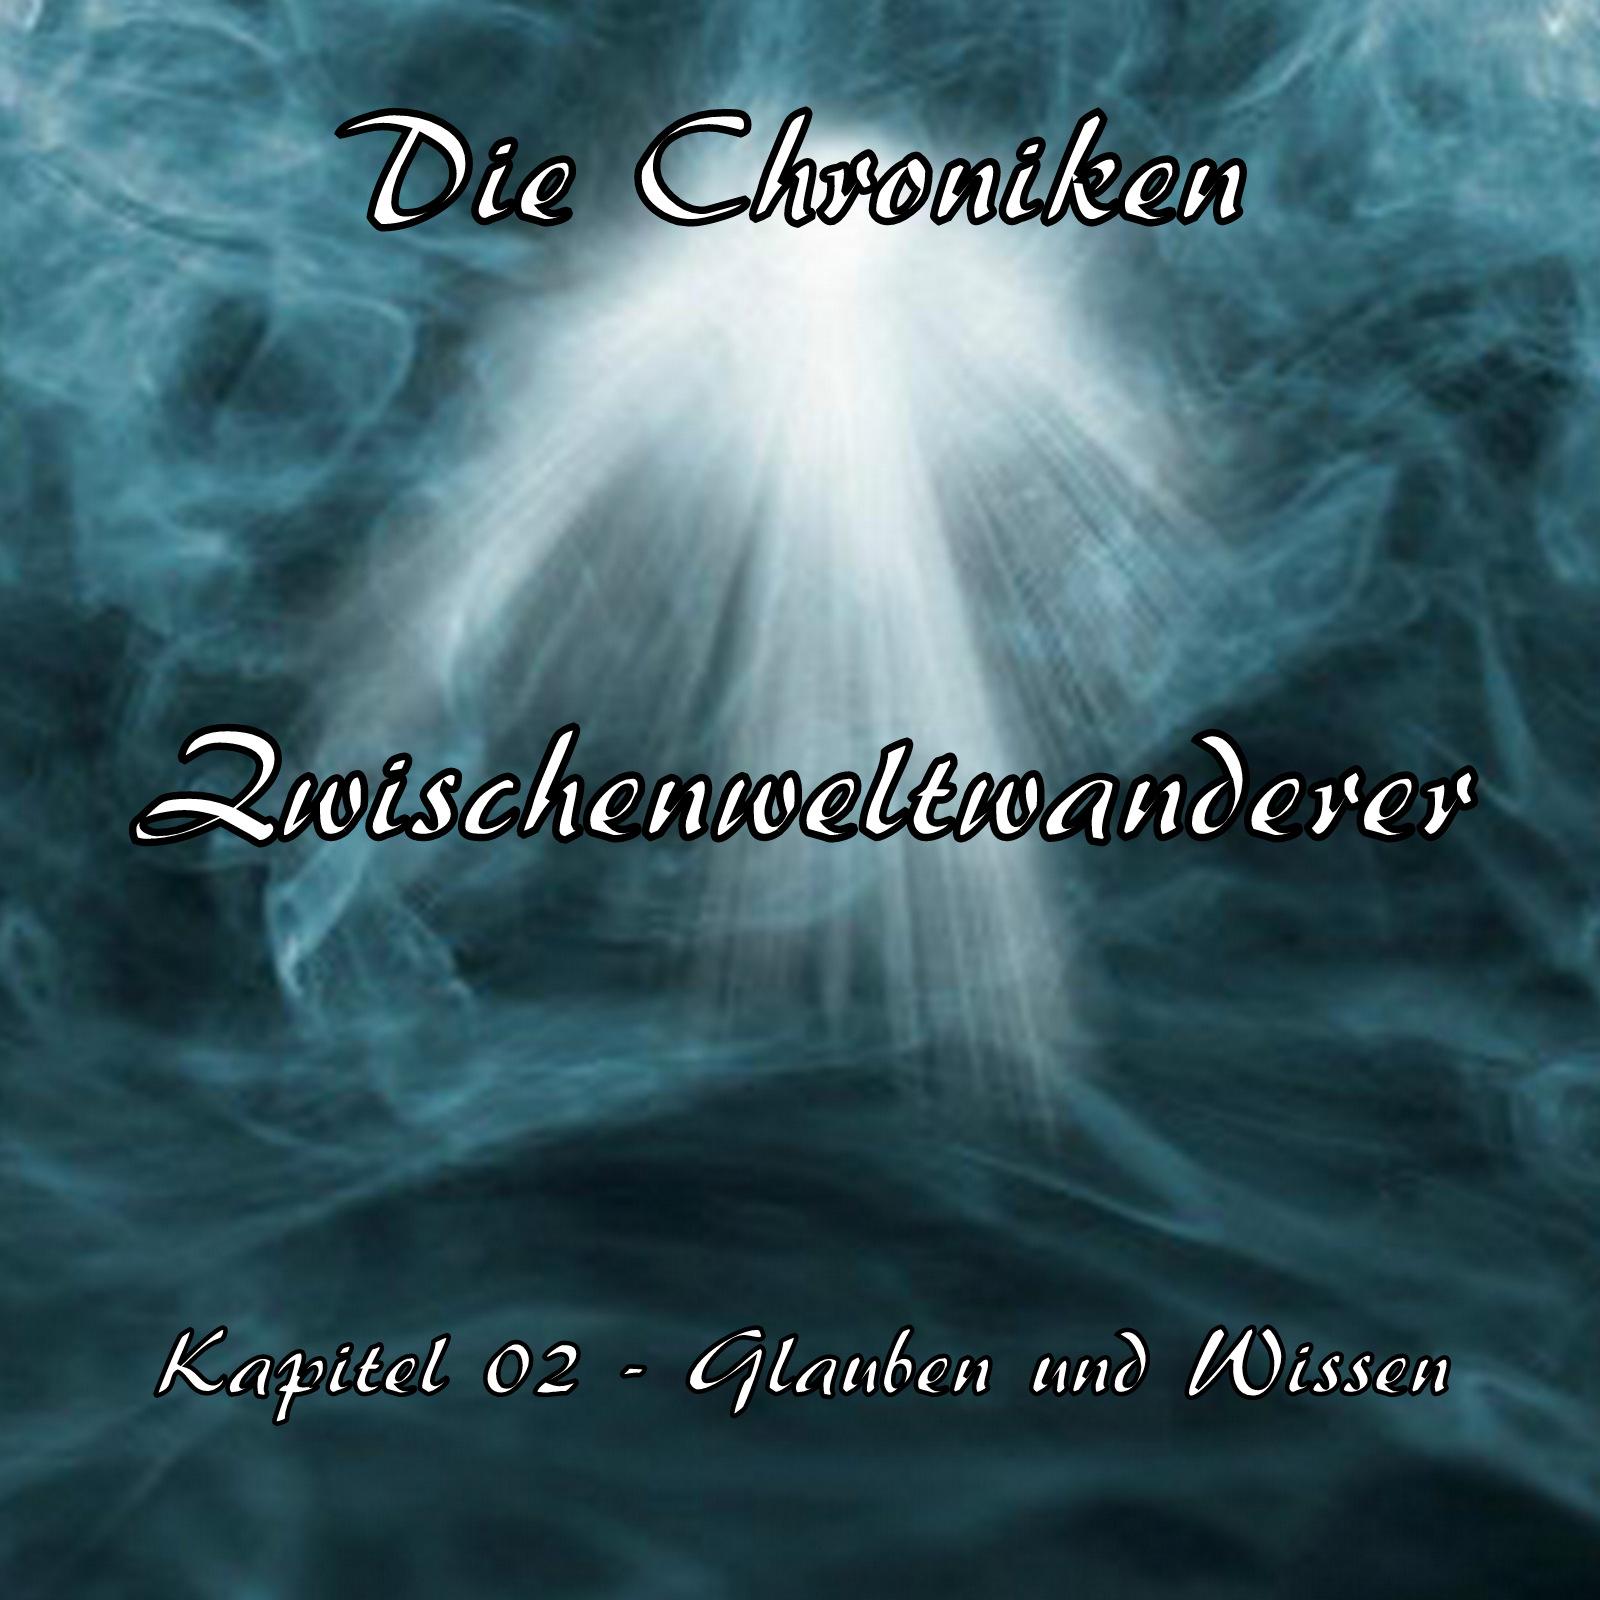 Zwischenweltwanderer - Kapitel 02 - Glauben und Wissen